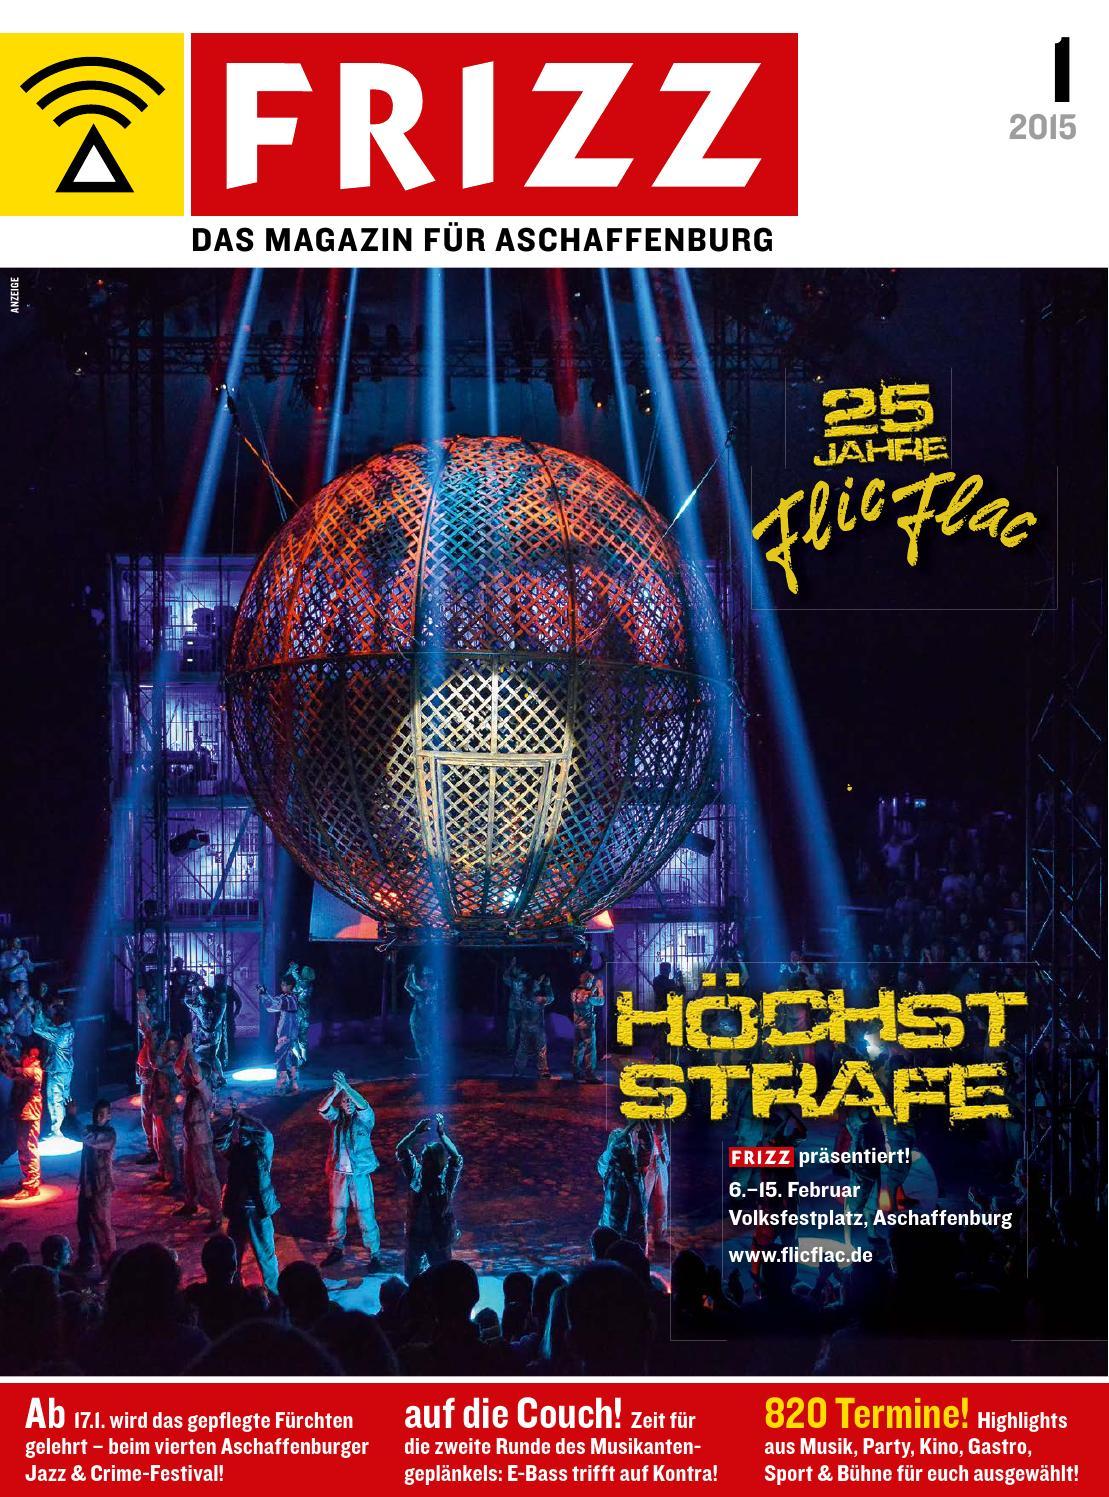 FRIZZ Aschaffenburg 01|2015 by MorgenWelt Verlag - issuu